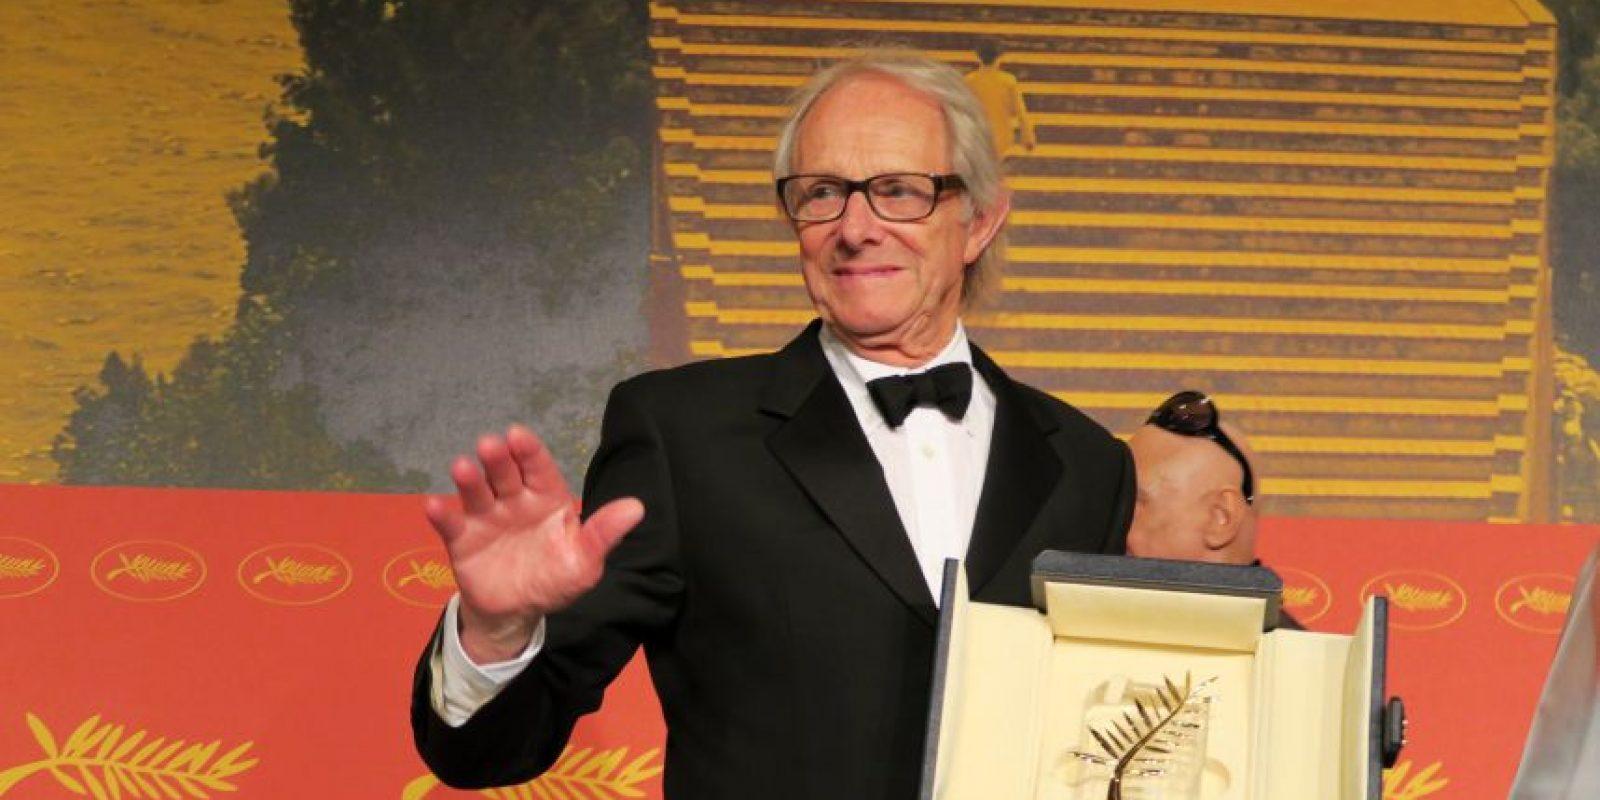 """El director Ken Loach, ganó la Palma de Oro de Cannes por la cinta """"Yo, Daniel Blake"""". Foto:Notimex"""